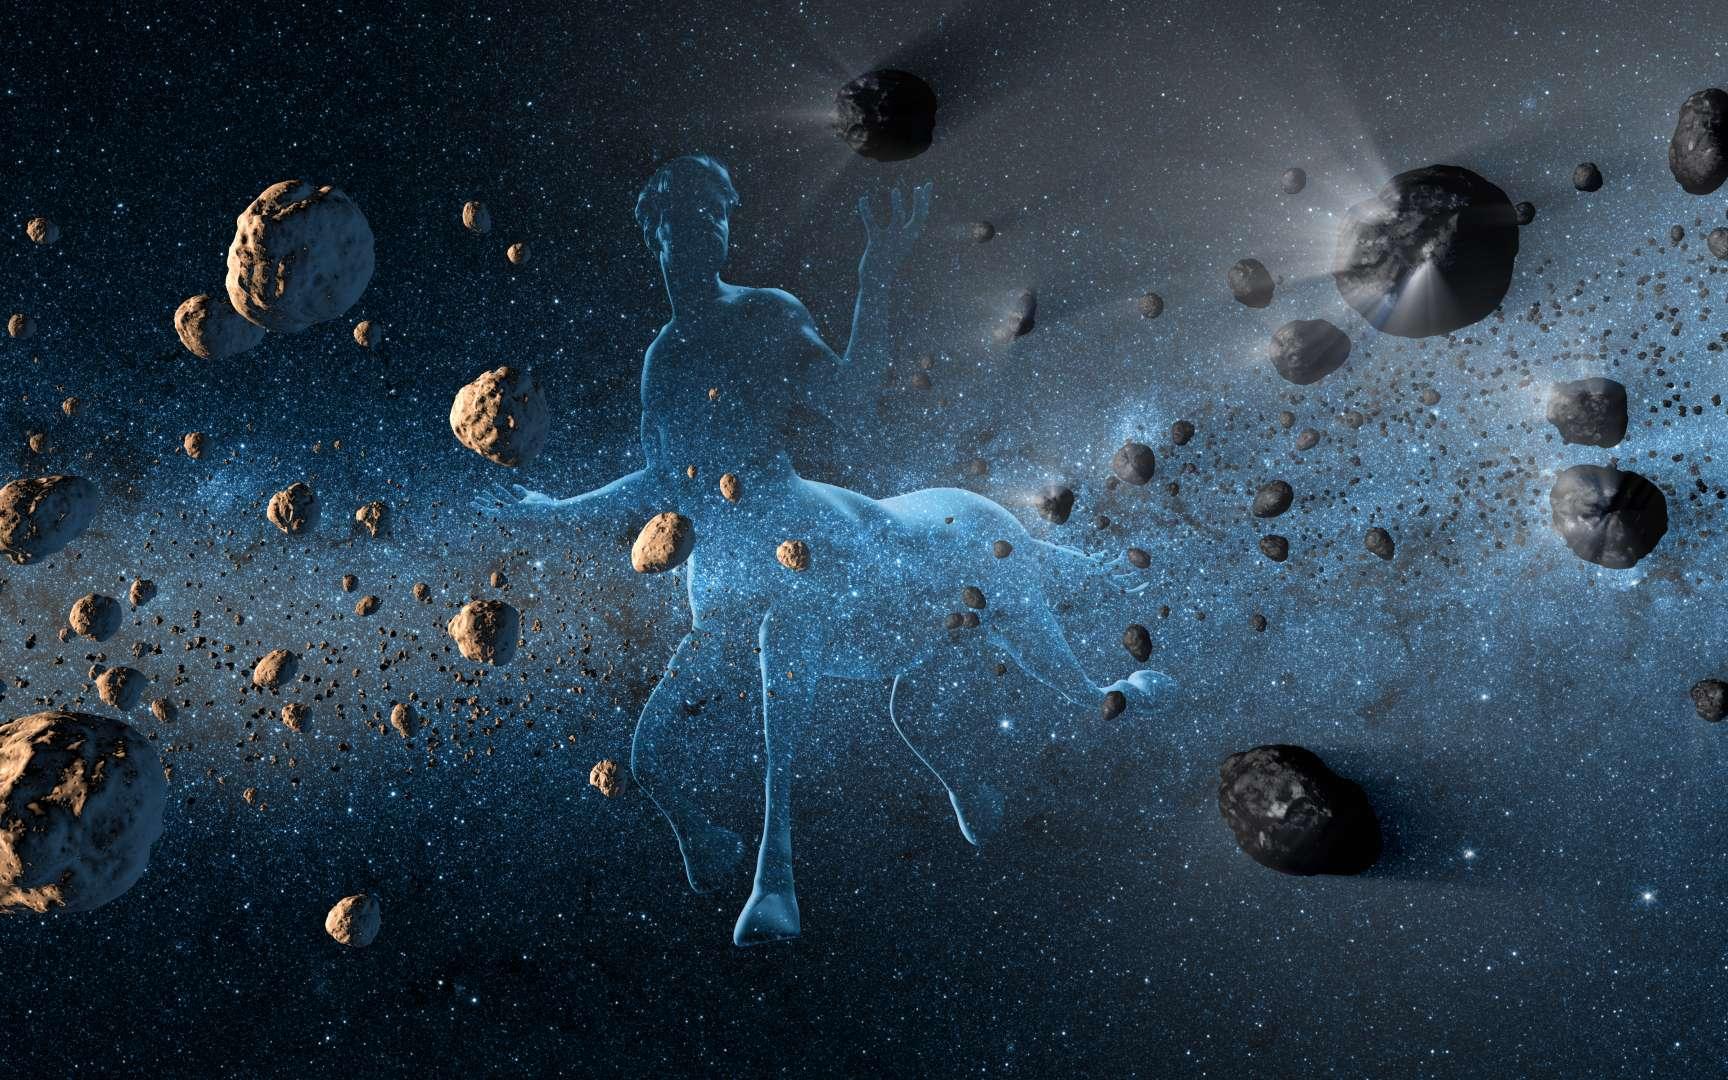 Les astéroïdes de la famille des Centaures sont sur des orbites rétrogrades et instables. 2015 BZ509 est aussi sur une orbite rétrograde, mais il semble particulier, ce qui interroge sur son origine. © Nasa